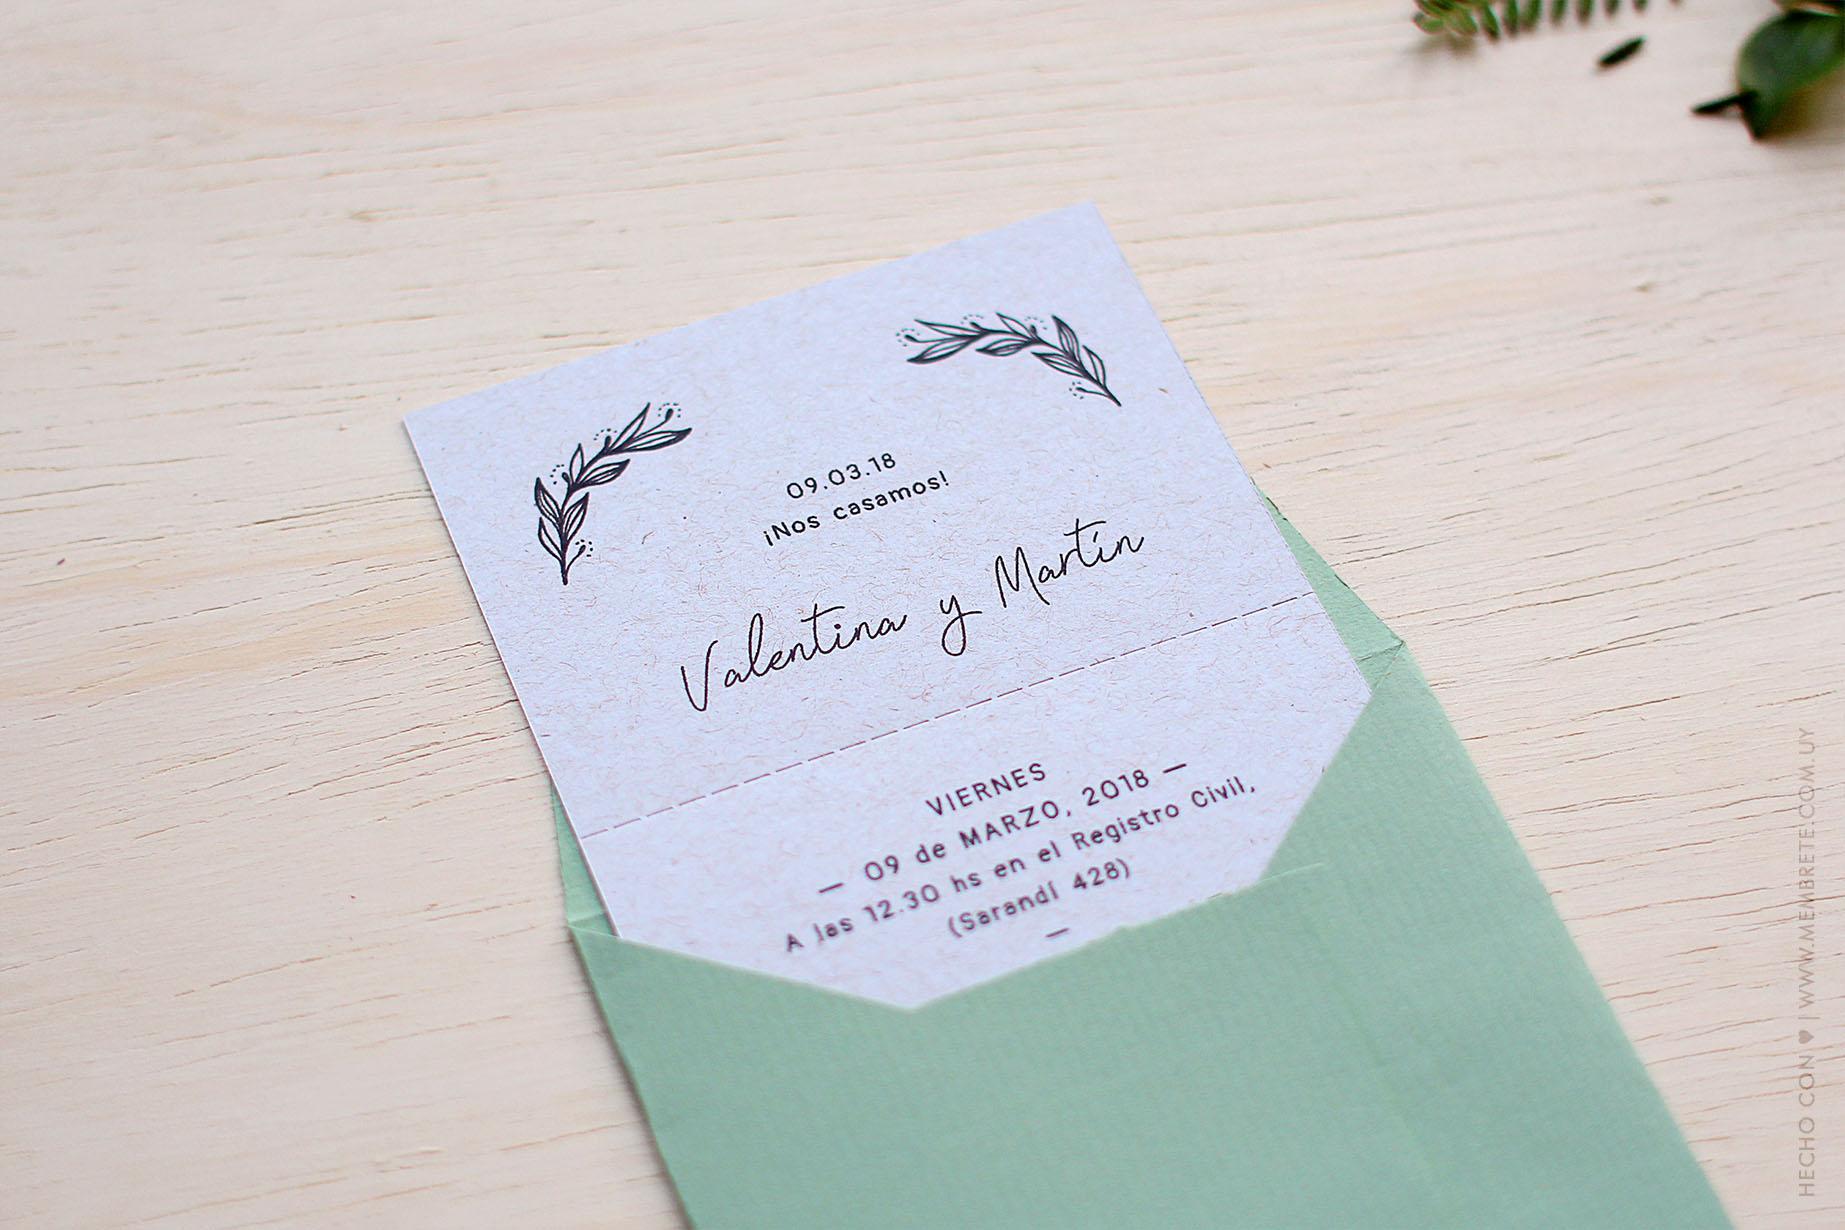 Valentina y Martín, Categoría: Invitaciones de Bodas, MEMBRETE Diseño gráfico & Papelería - www.membrete.com.uy